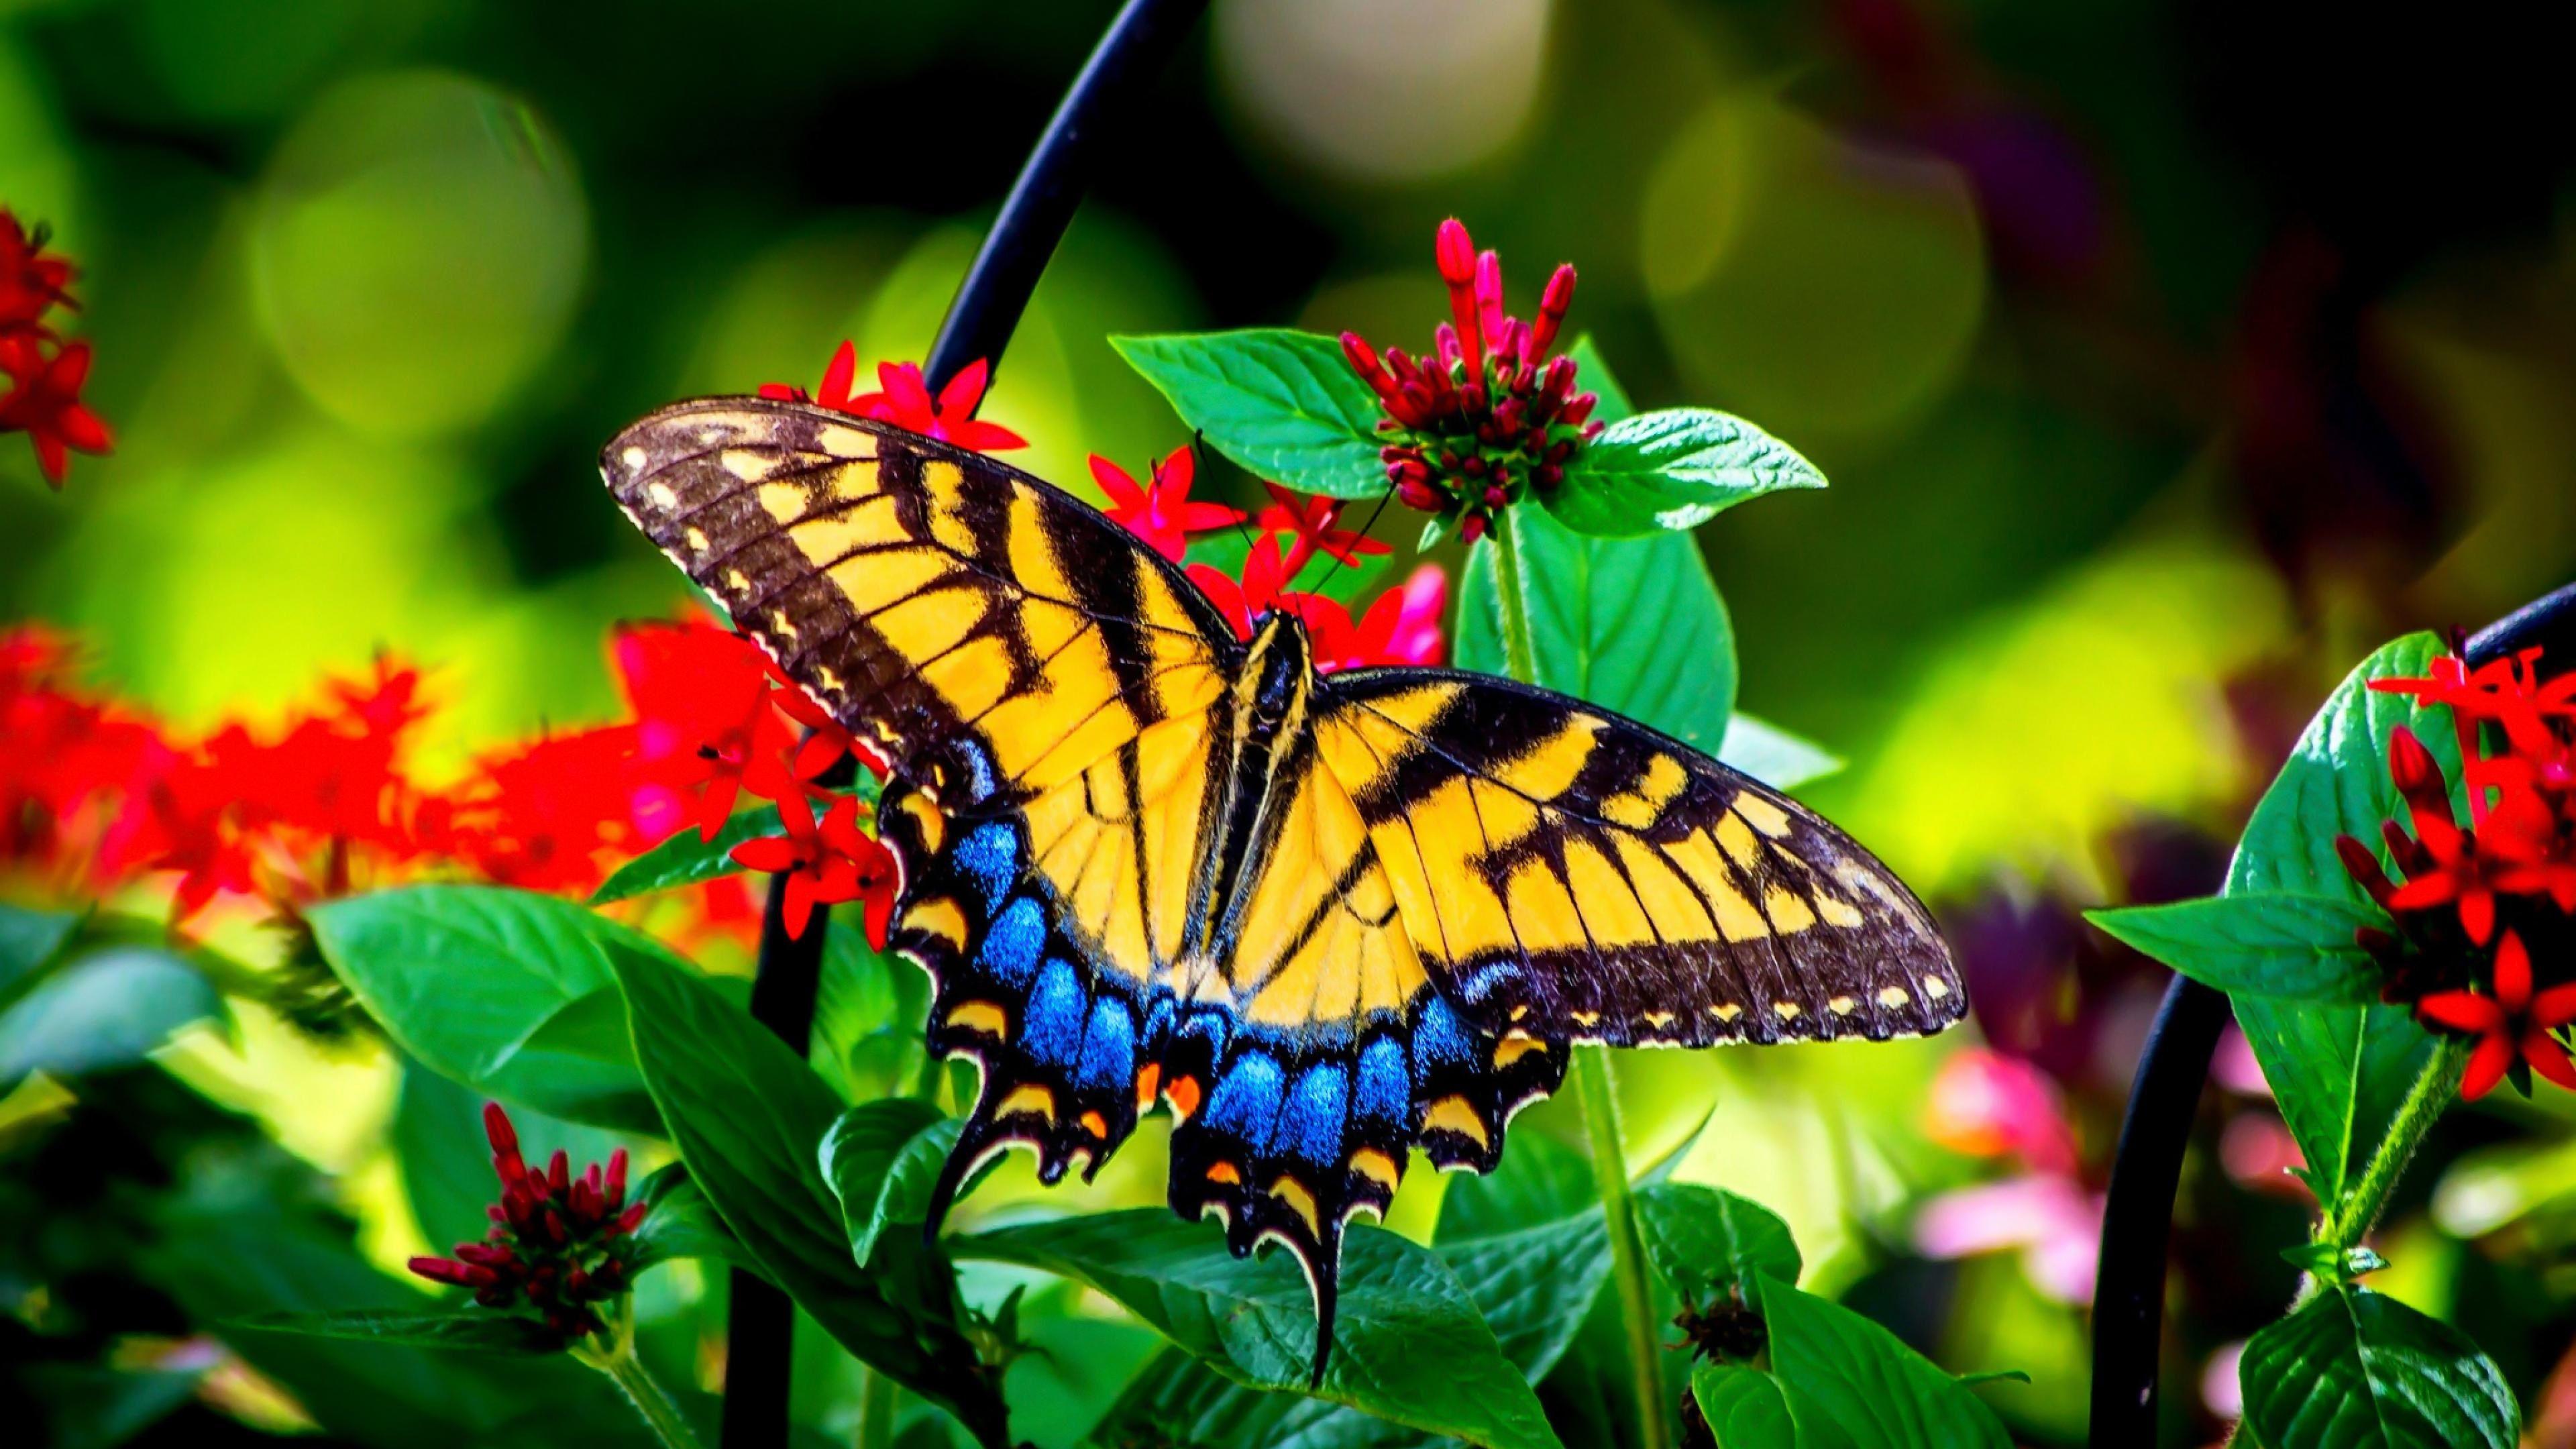 Butterfly In Garden HD Image